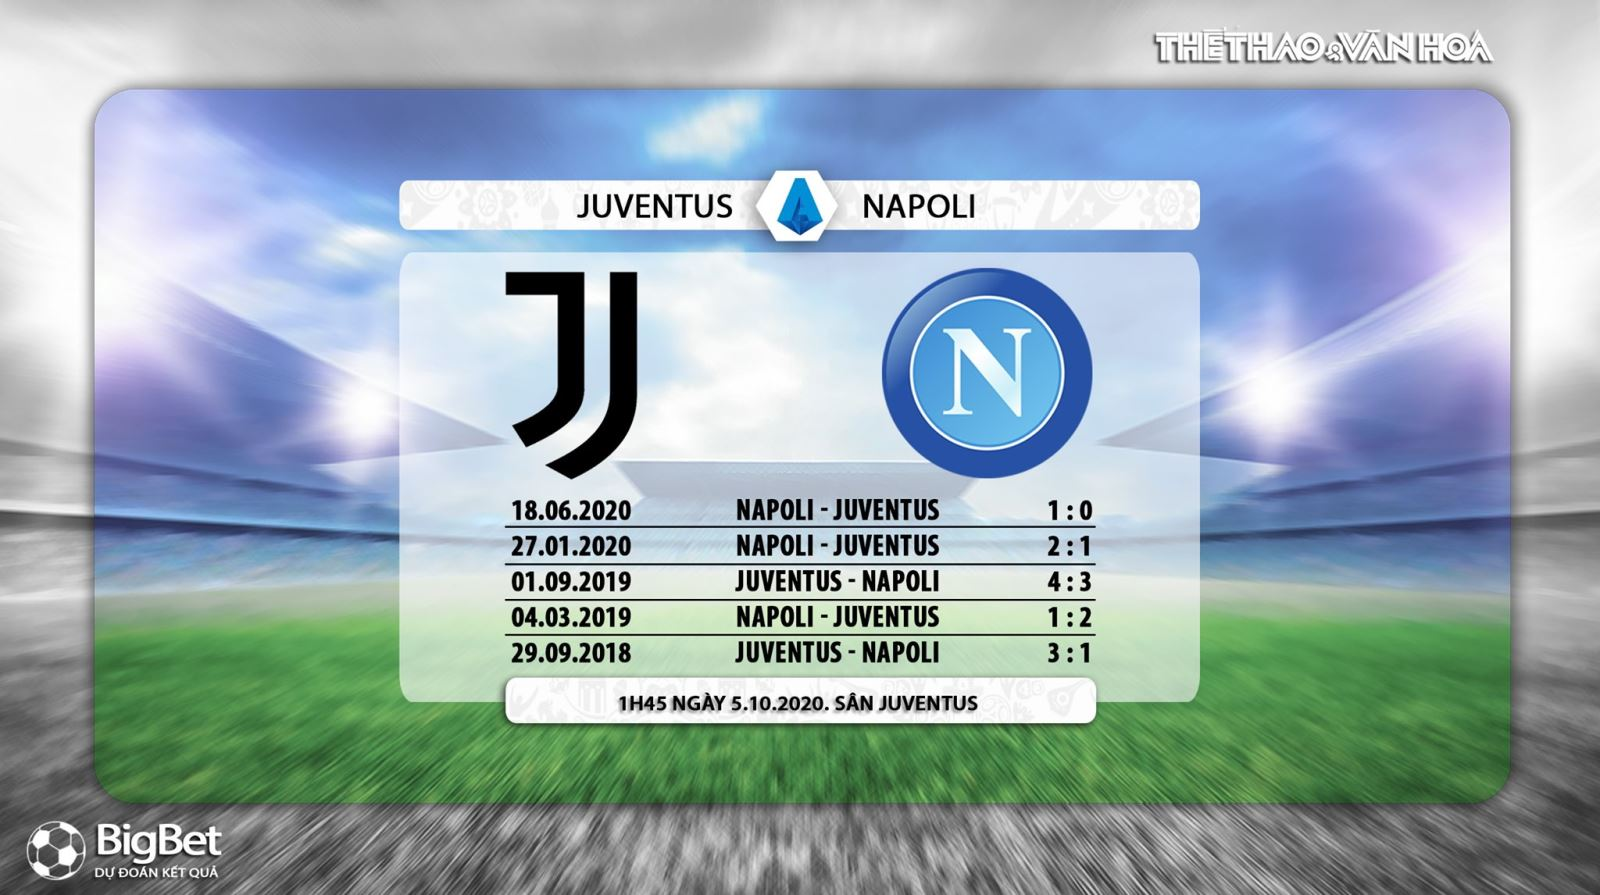 Keo nha cai, Kèo nhà cái, Juventus vs Napoli, Trực tiếp Vòng 3 Bóng đá Ý. Trực tiếp FPT Play, Kèo Juventus đấu với Napoli, Soi kèo Juventus, Kèo bóng đá Italia.